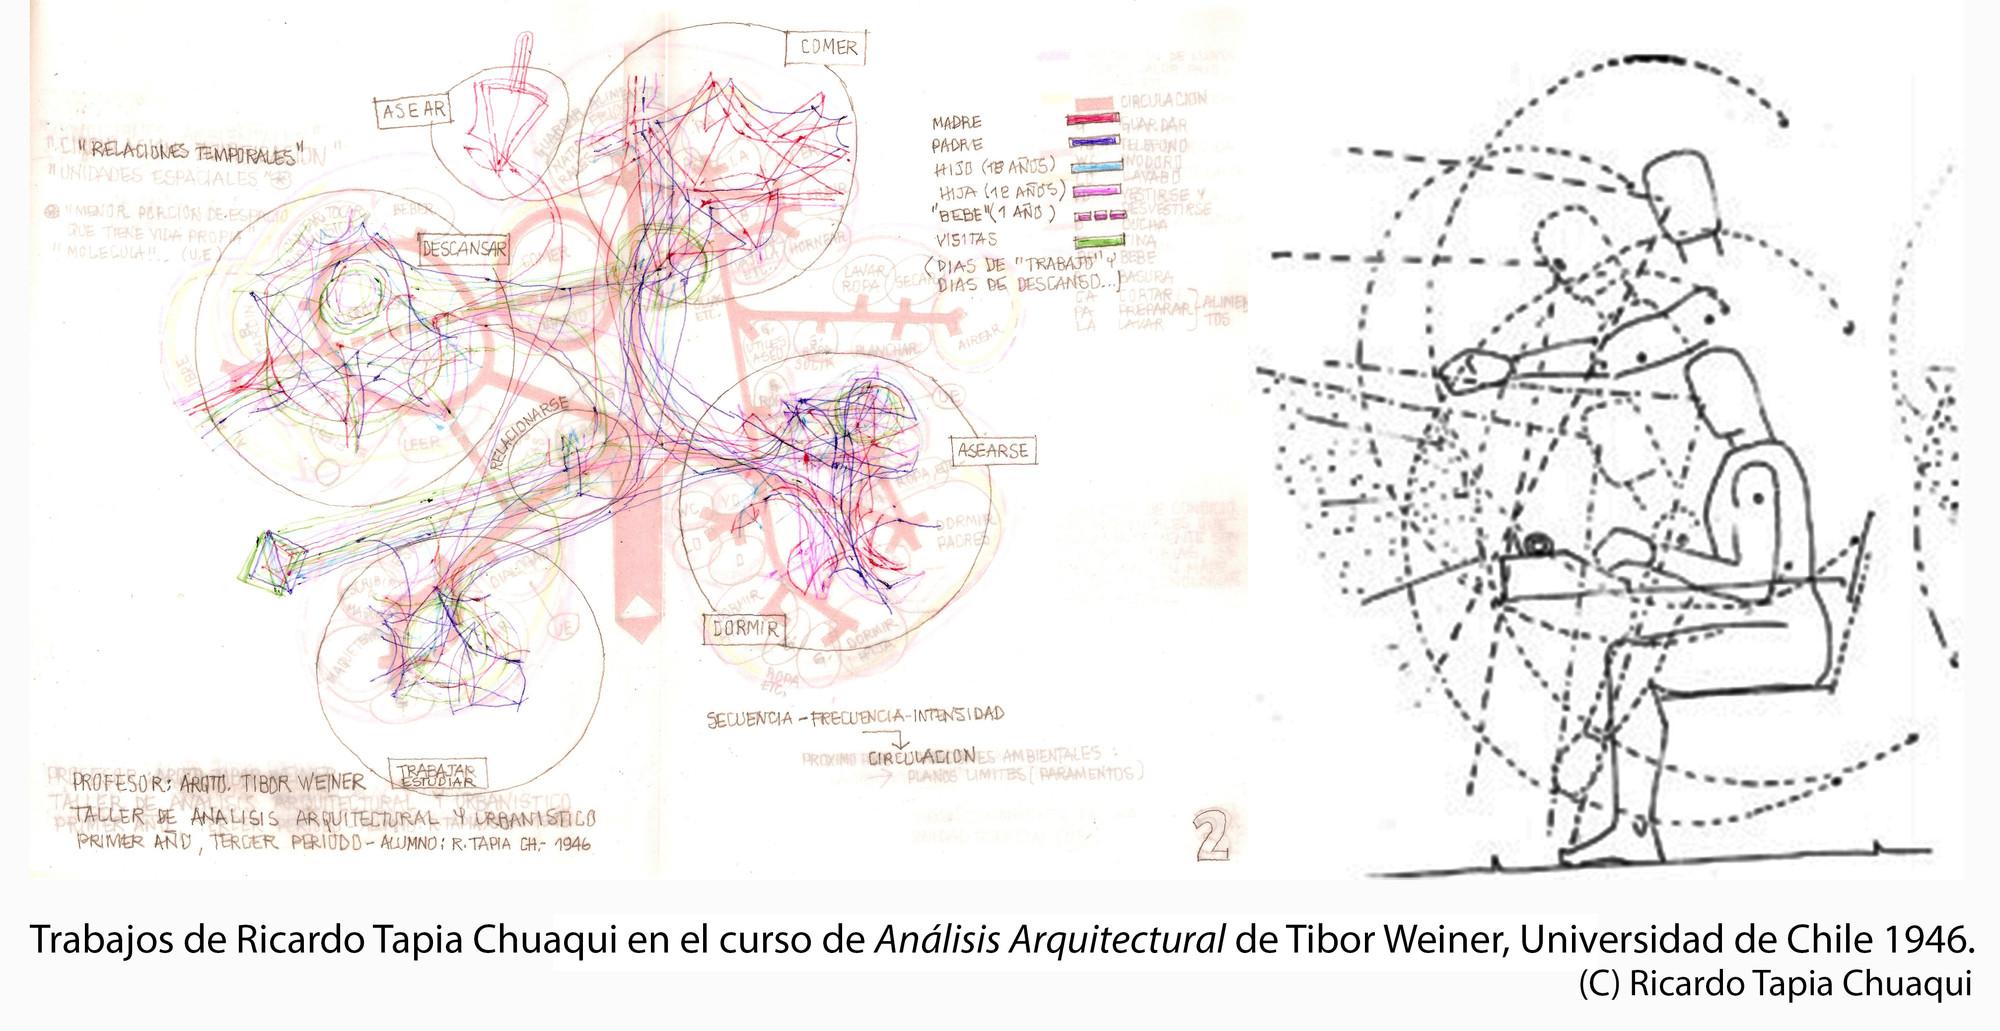 Intercambios directos y reinterpretaciones de la HfG Bauhaus en Chile (Parte II) , Cortesia de David Maulén